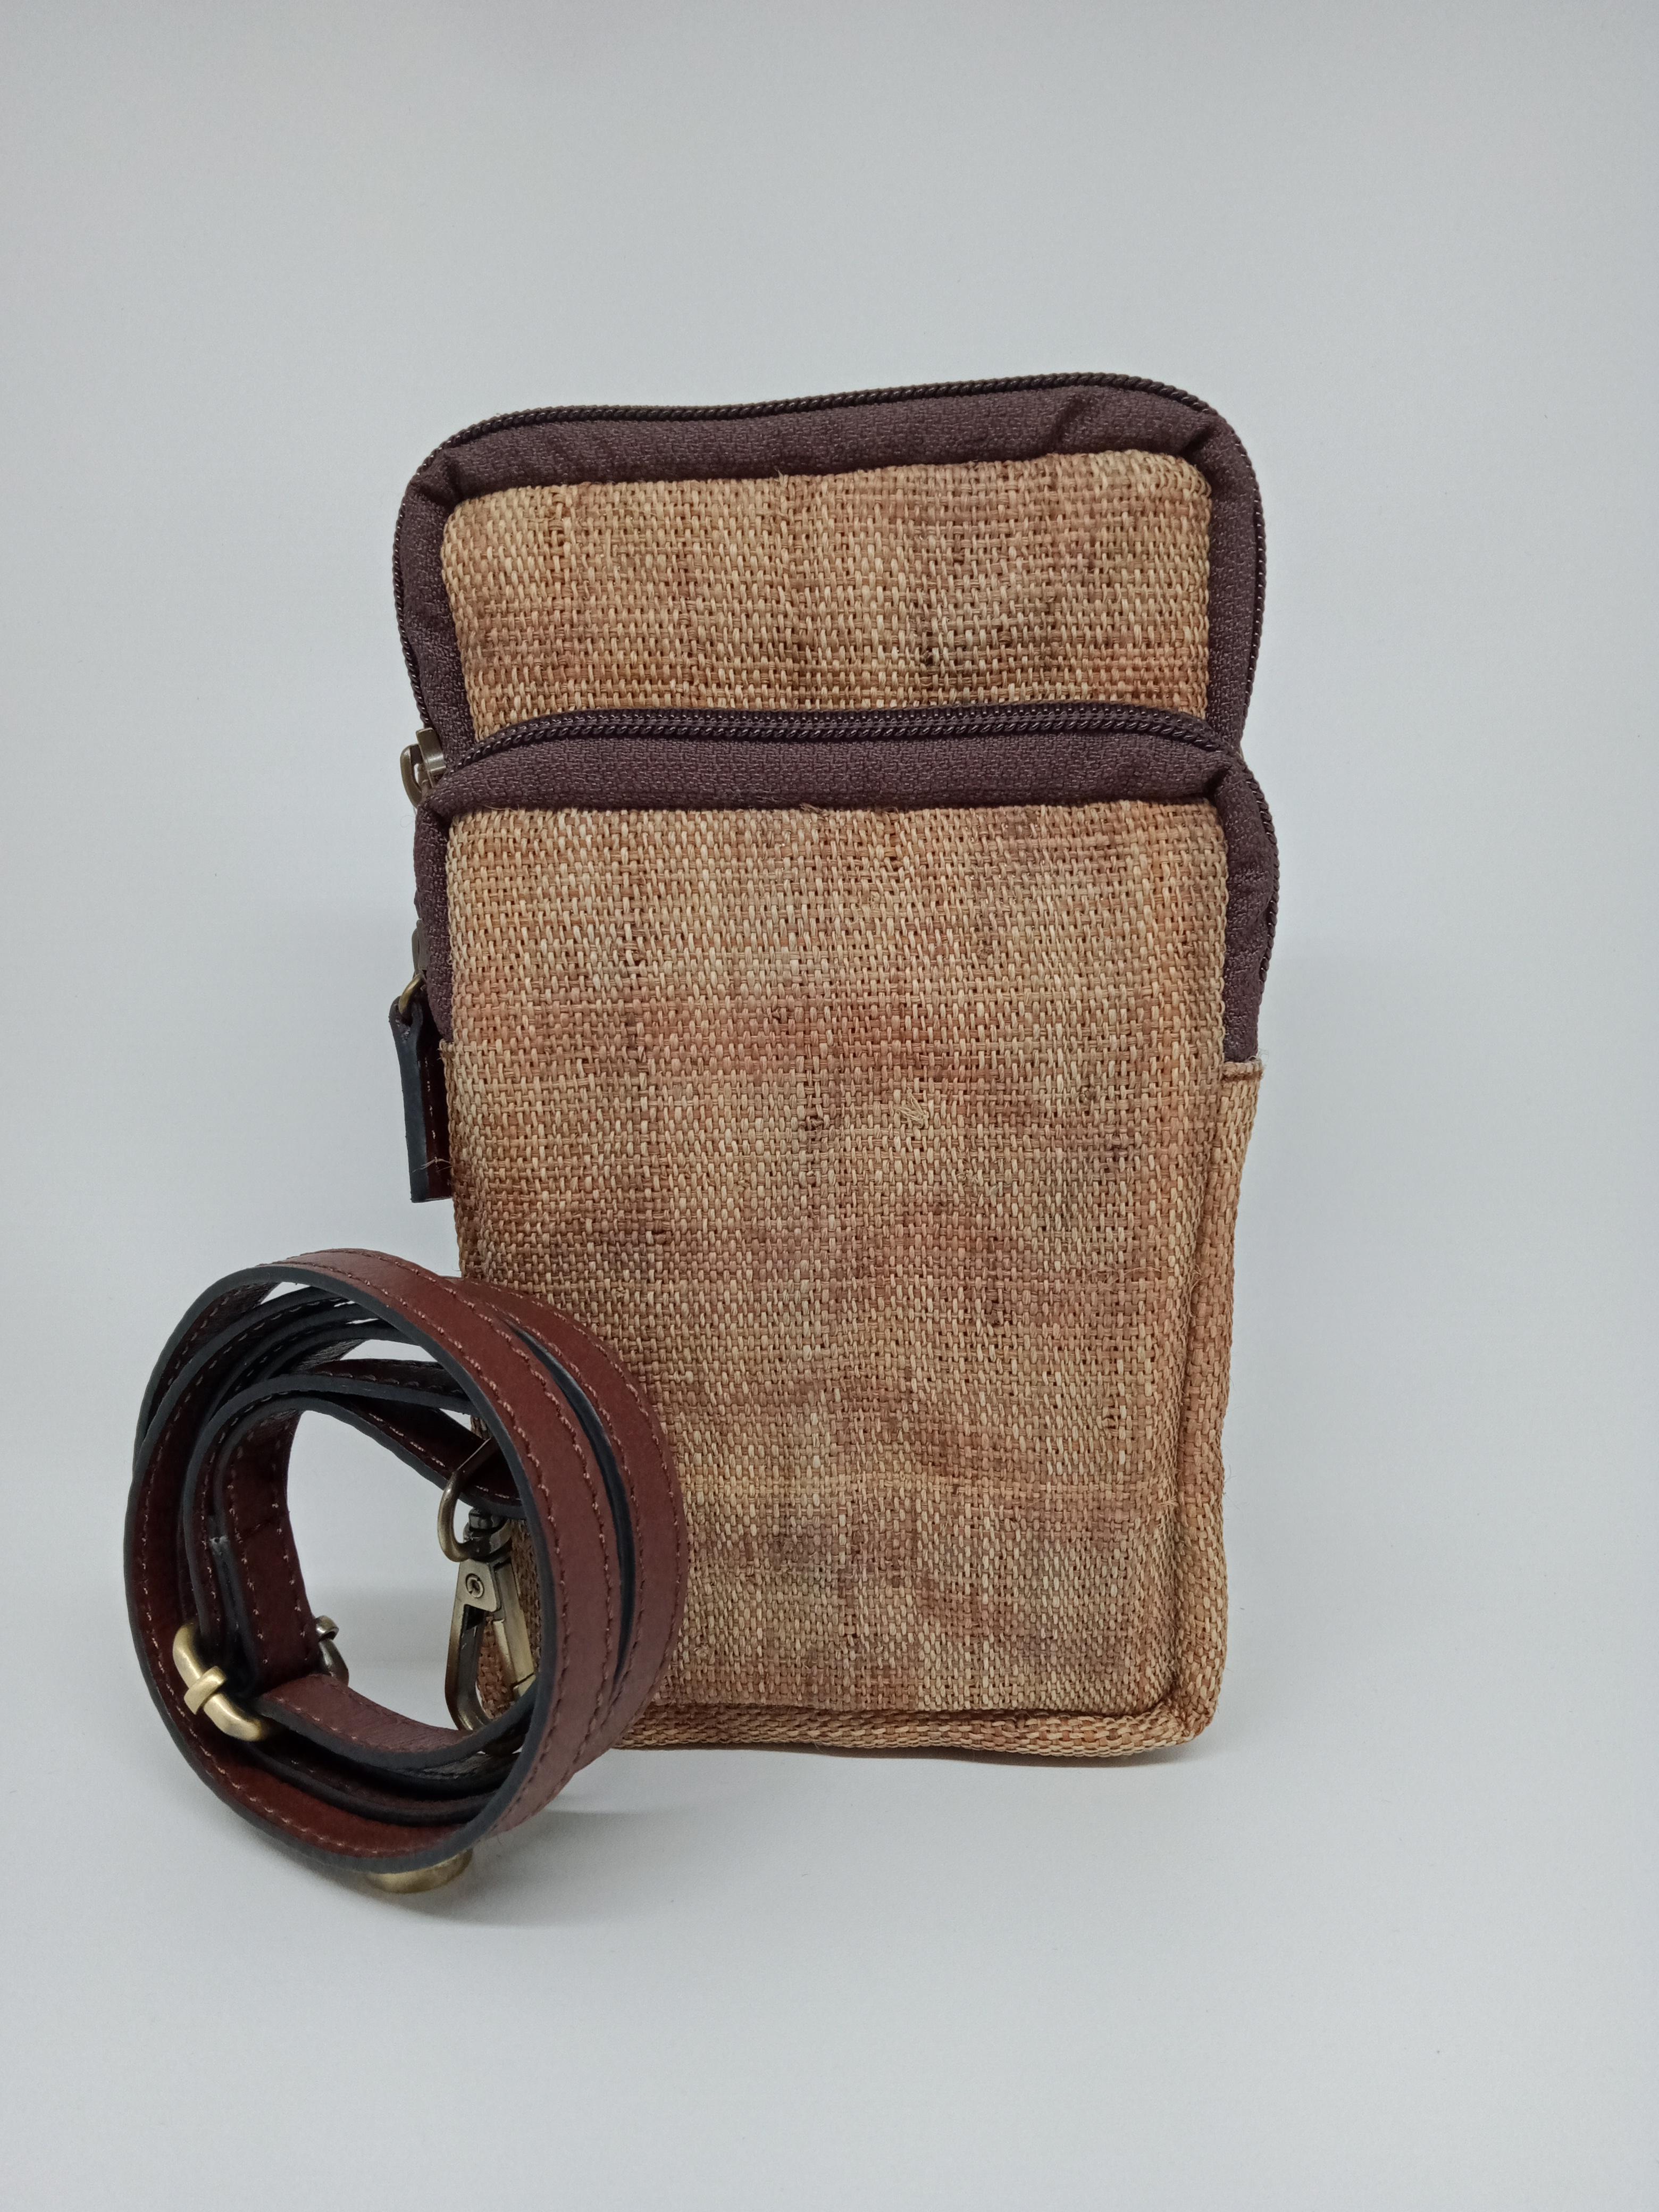 Doyo Cellphone Bag